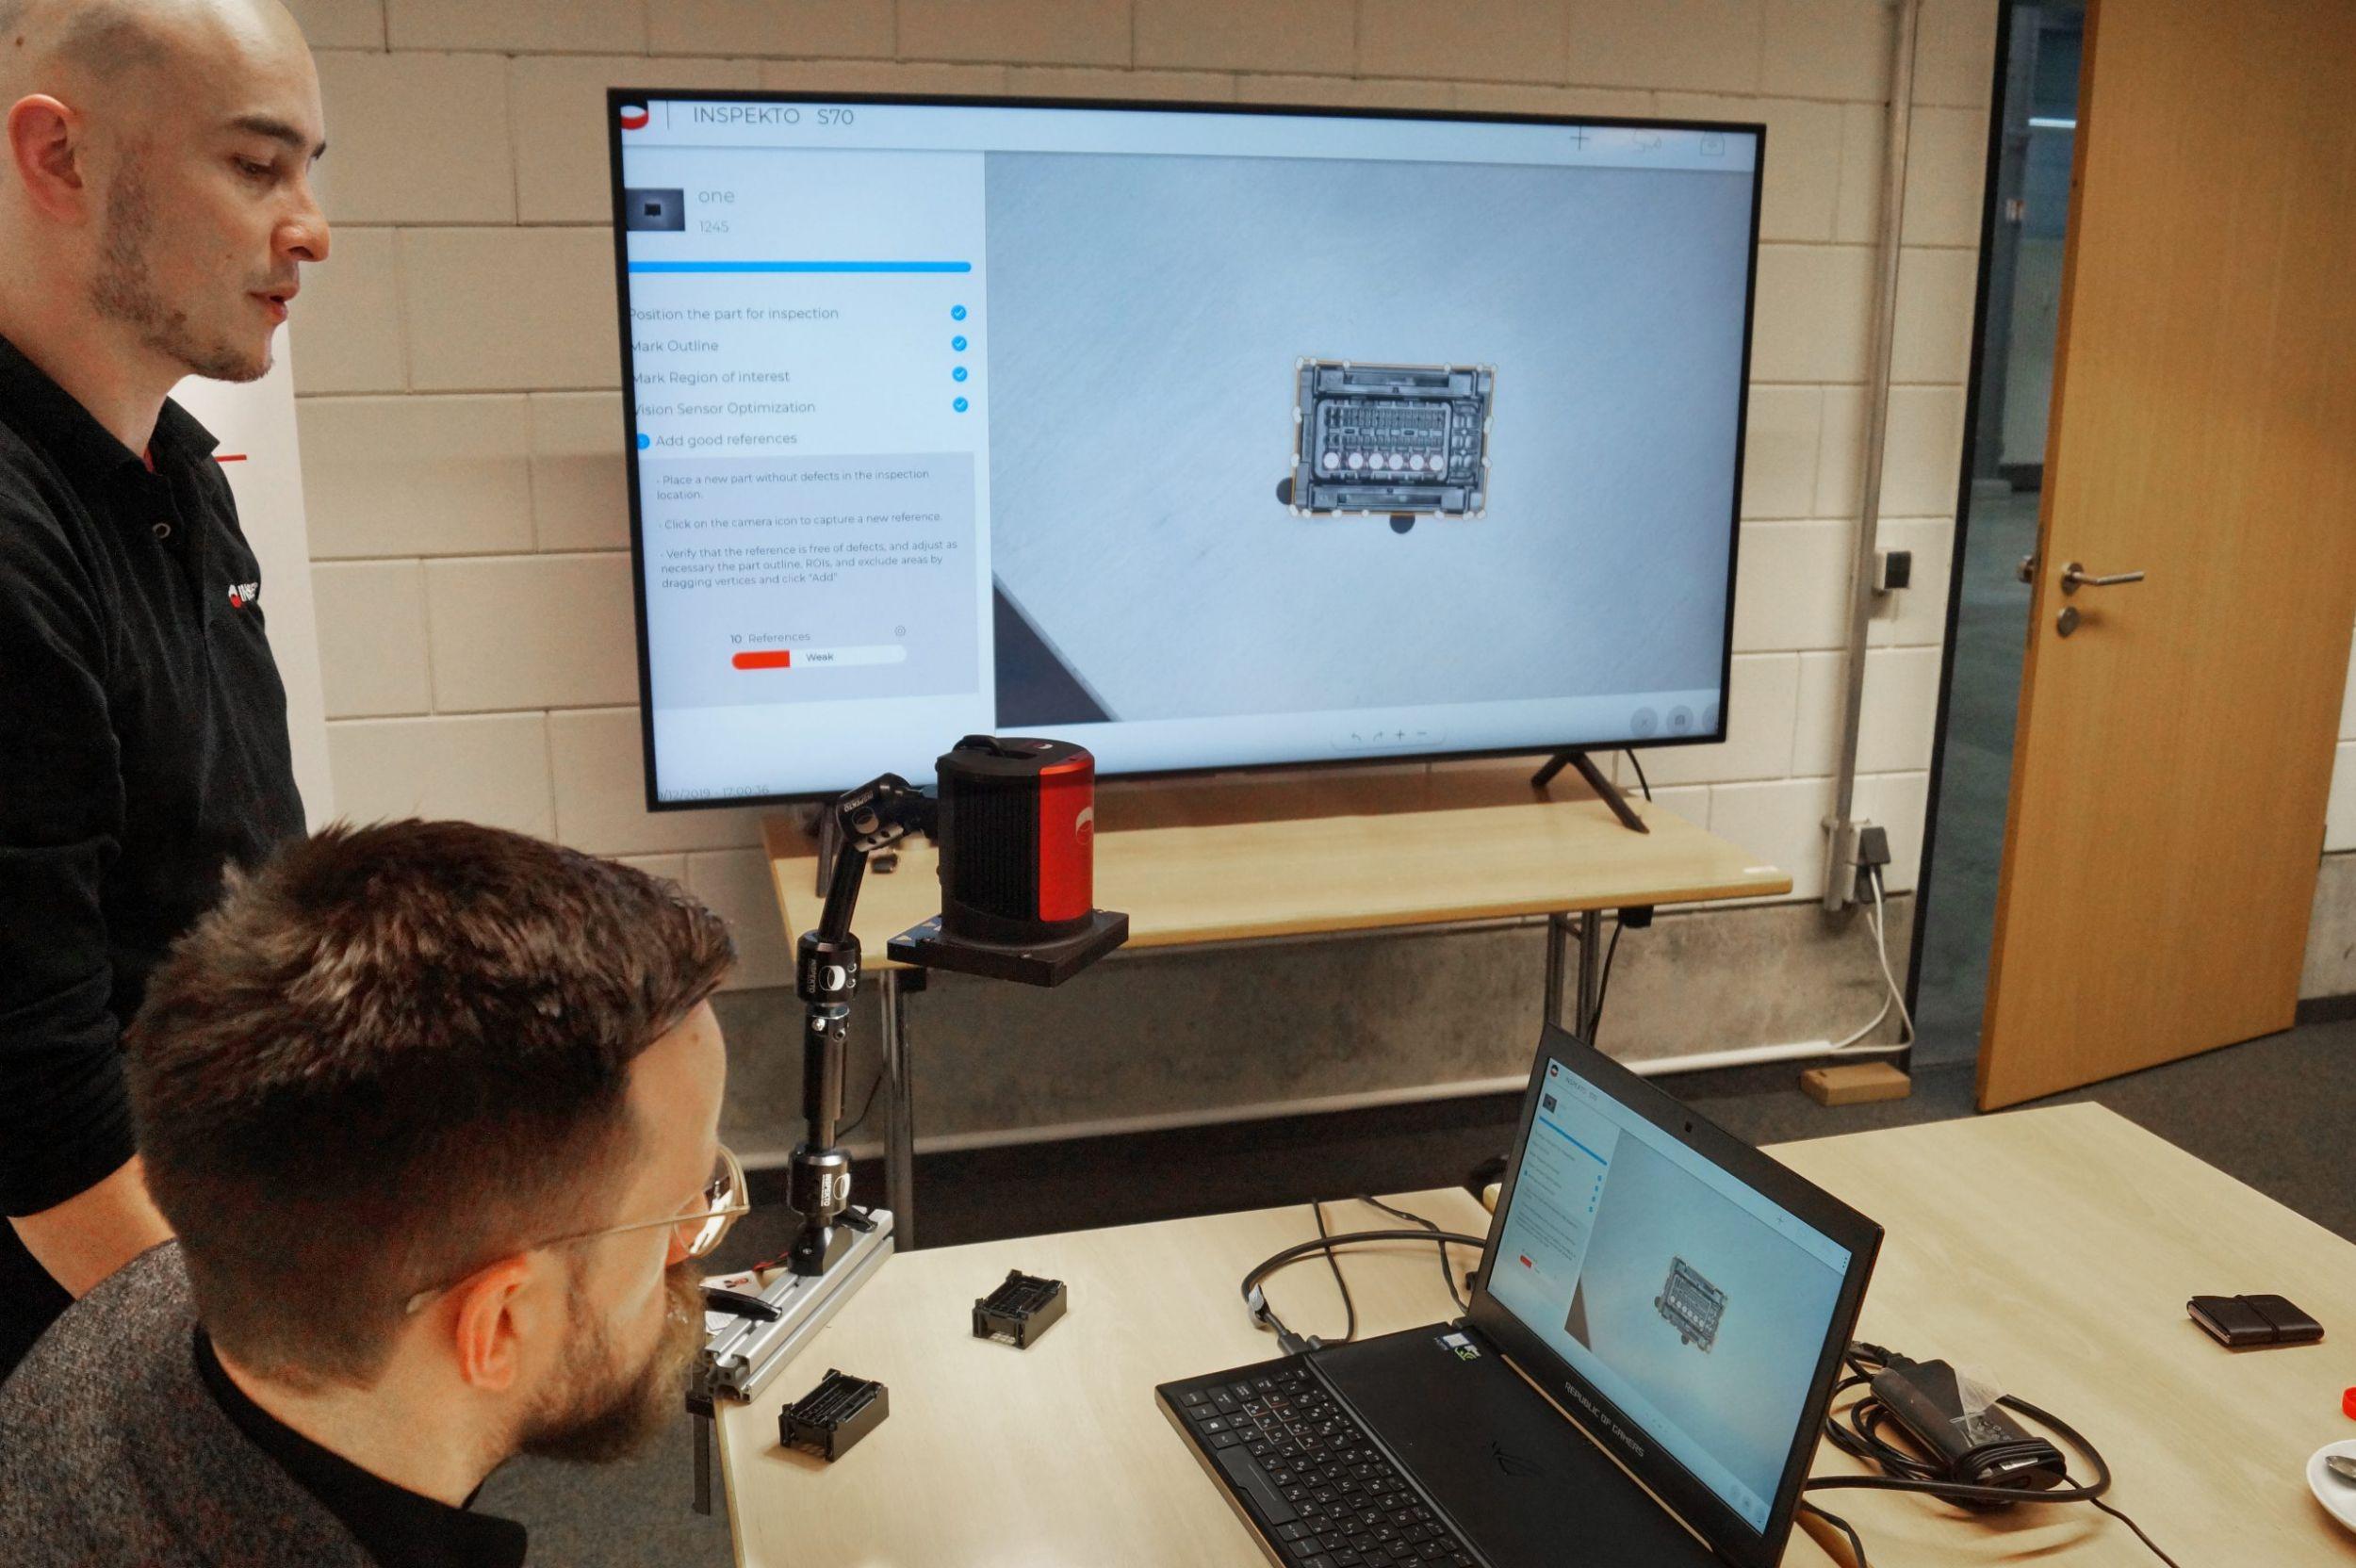 Nach kurzer Einführung kann der technisch unbeflissene Redakteur das Vision-System selbstständig kalibrieren. (Bild: TeDo Verlag GmbH)